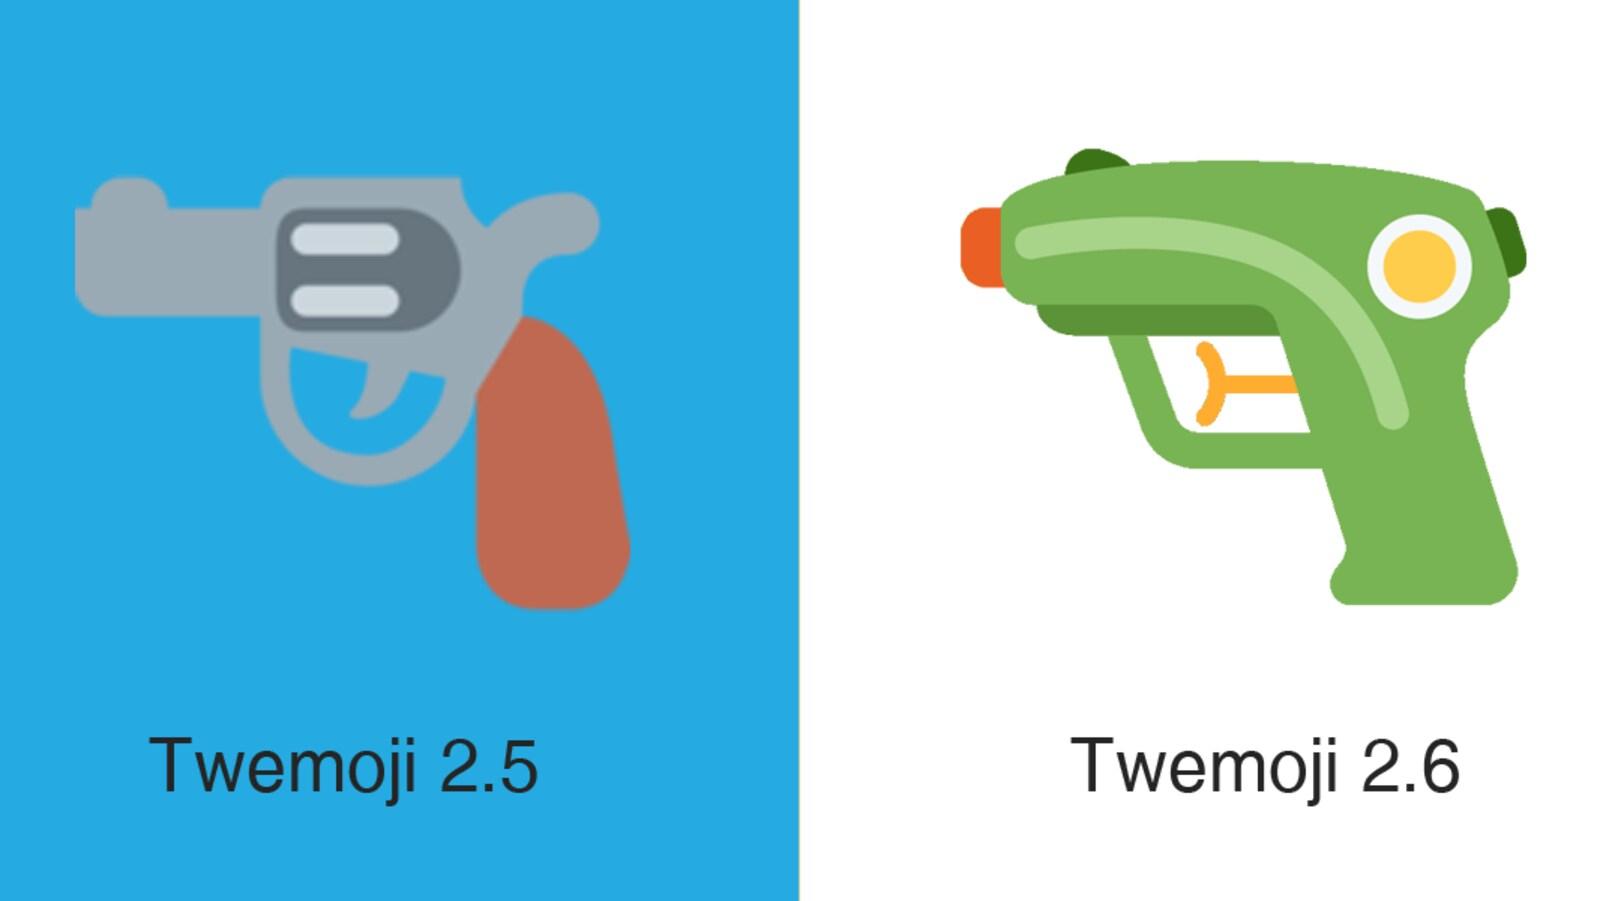 À gauche, un émoji de pistolet et, à droite, un émoji de pistolet à eau.